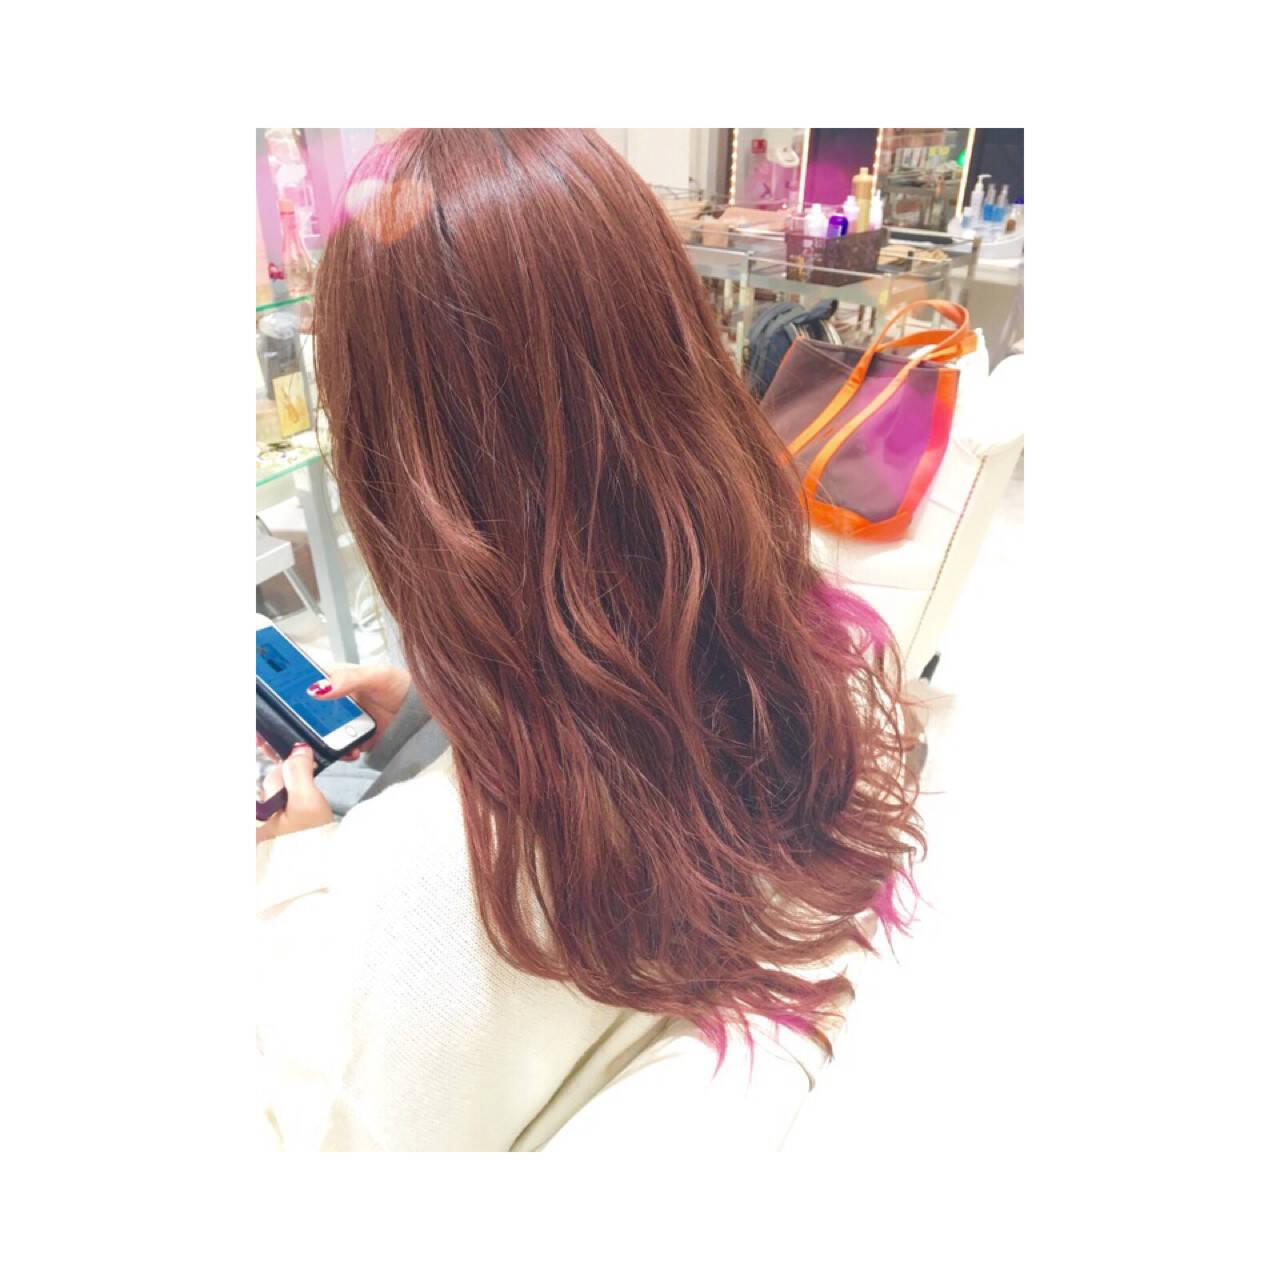 イルミナカラー ロング ベージュ ピンクヘアスタイルや髪型の写真・画像